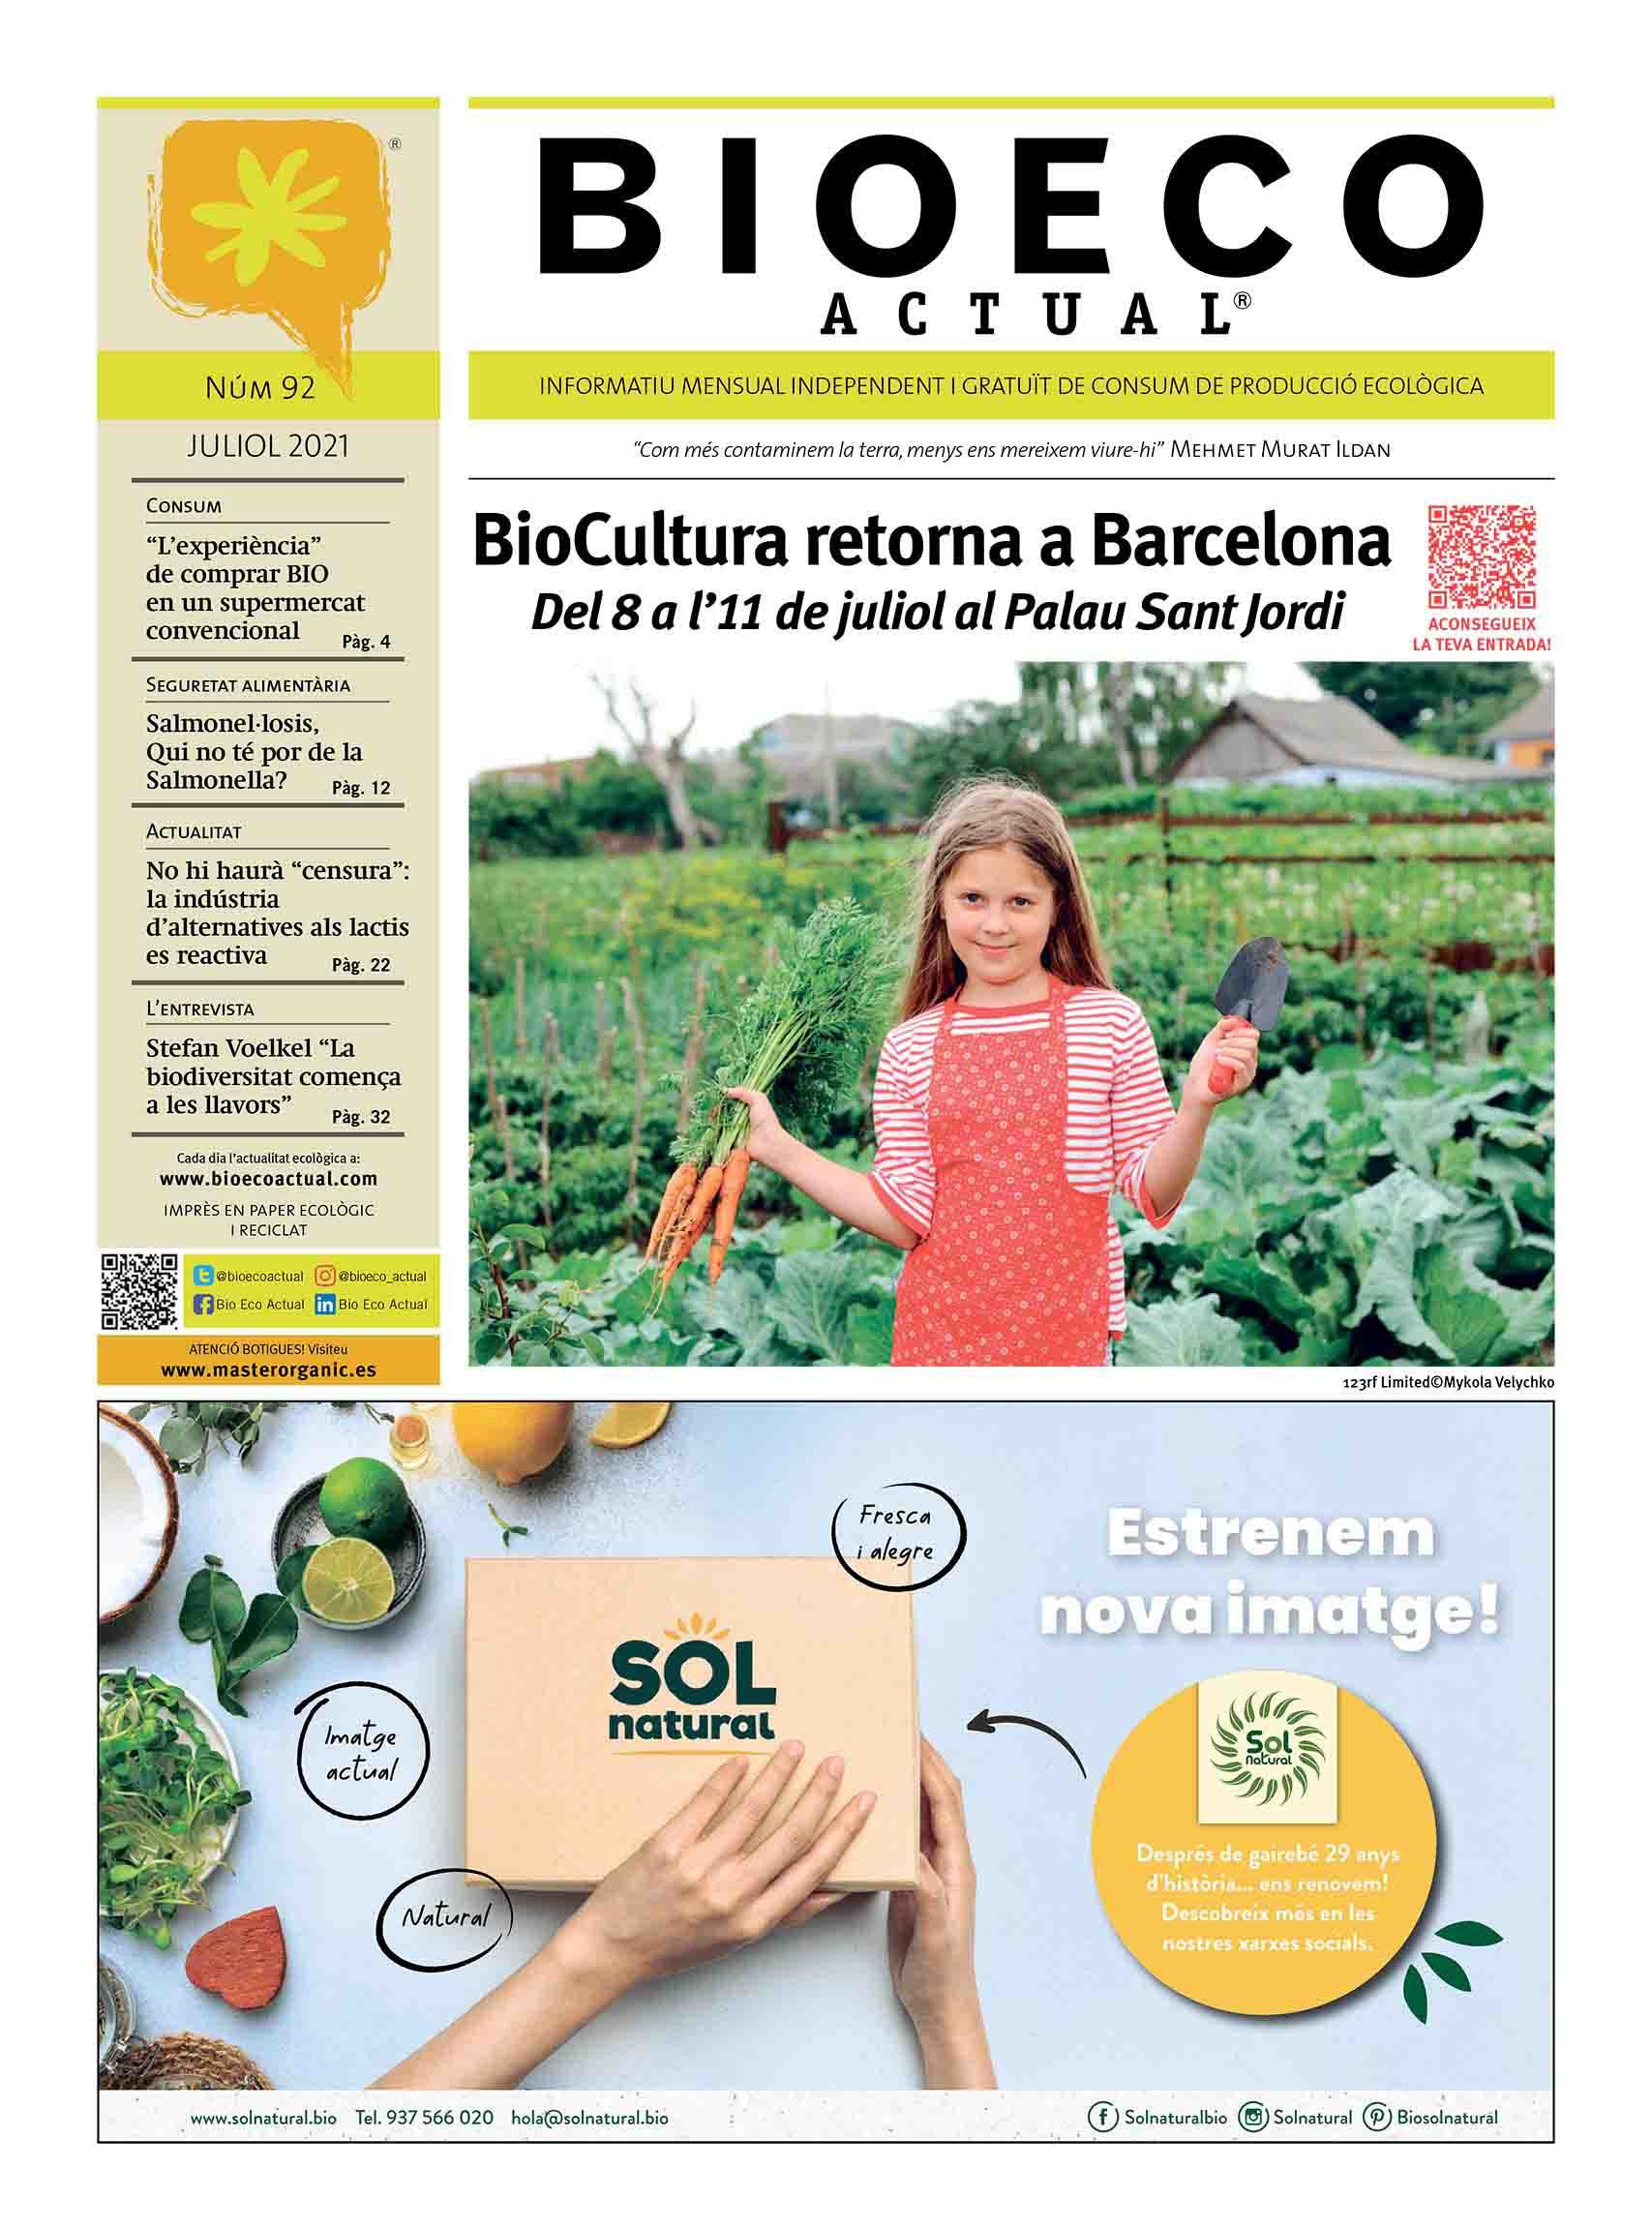 Bio Eco Actual Juliol 2021